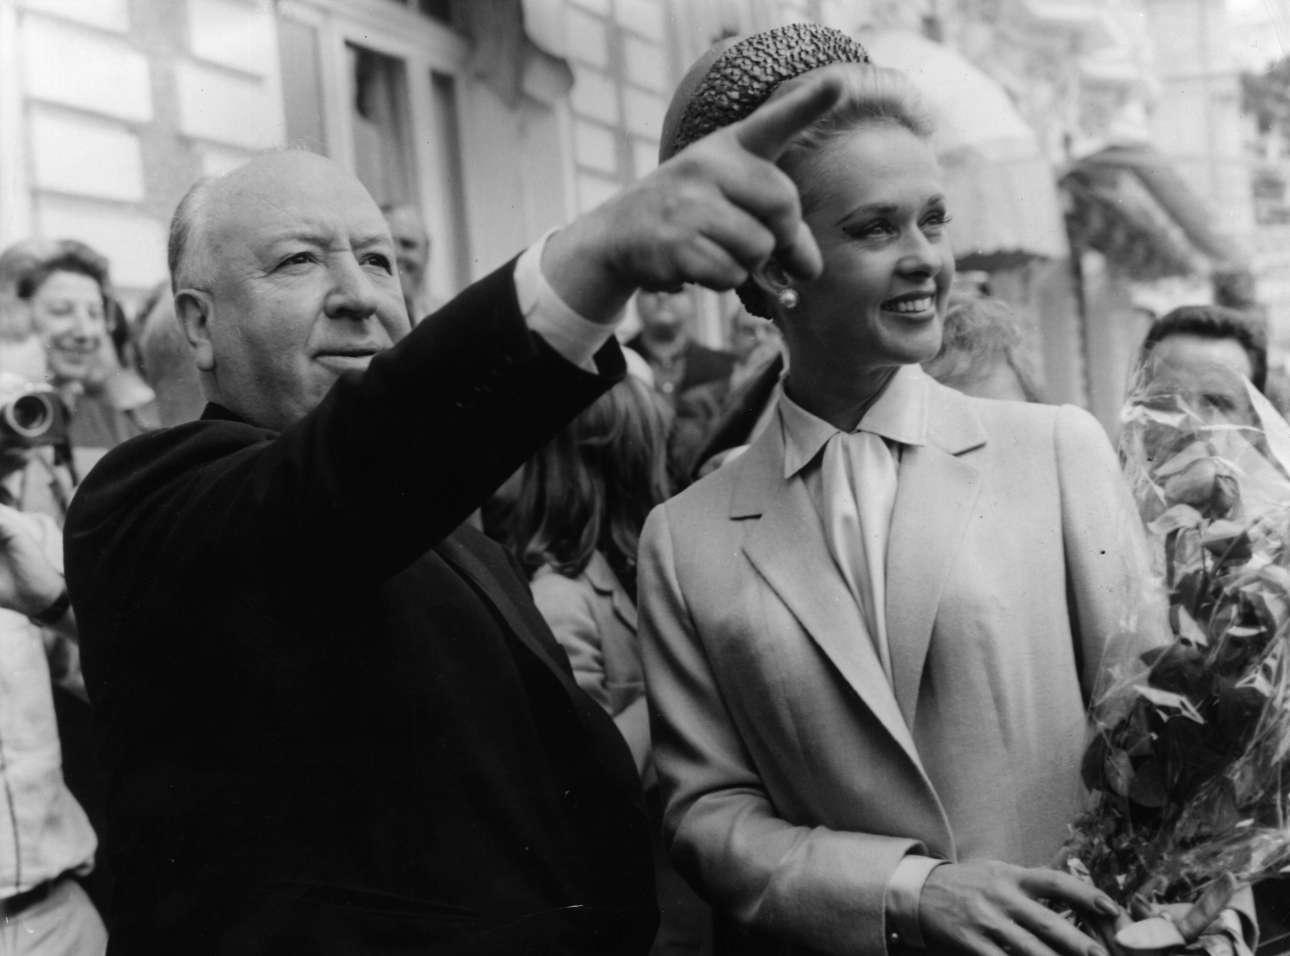 Στις ΗΠΑ η Ακαδημία του Χόλιγουντ επέμενε να τον αγνοεί - άλλωστε δεν τιμήθηκε ποτέ με Οσκαρ. Το Μάιο του 1963 λοιπόν, ο μέγας Αλφρεντ Χίτσκοκ κλέβει την παράσταση στις Κάννες παρέα με την Τίπι Χέντρεν, πρωταγωνίστρια στα περίφημα «Πουλιά»